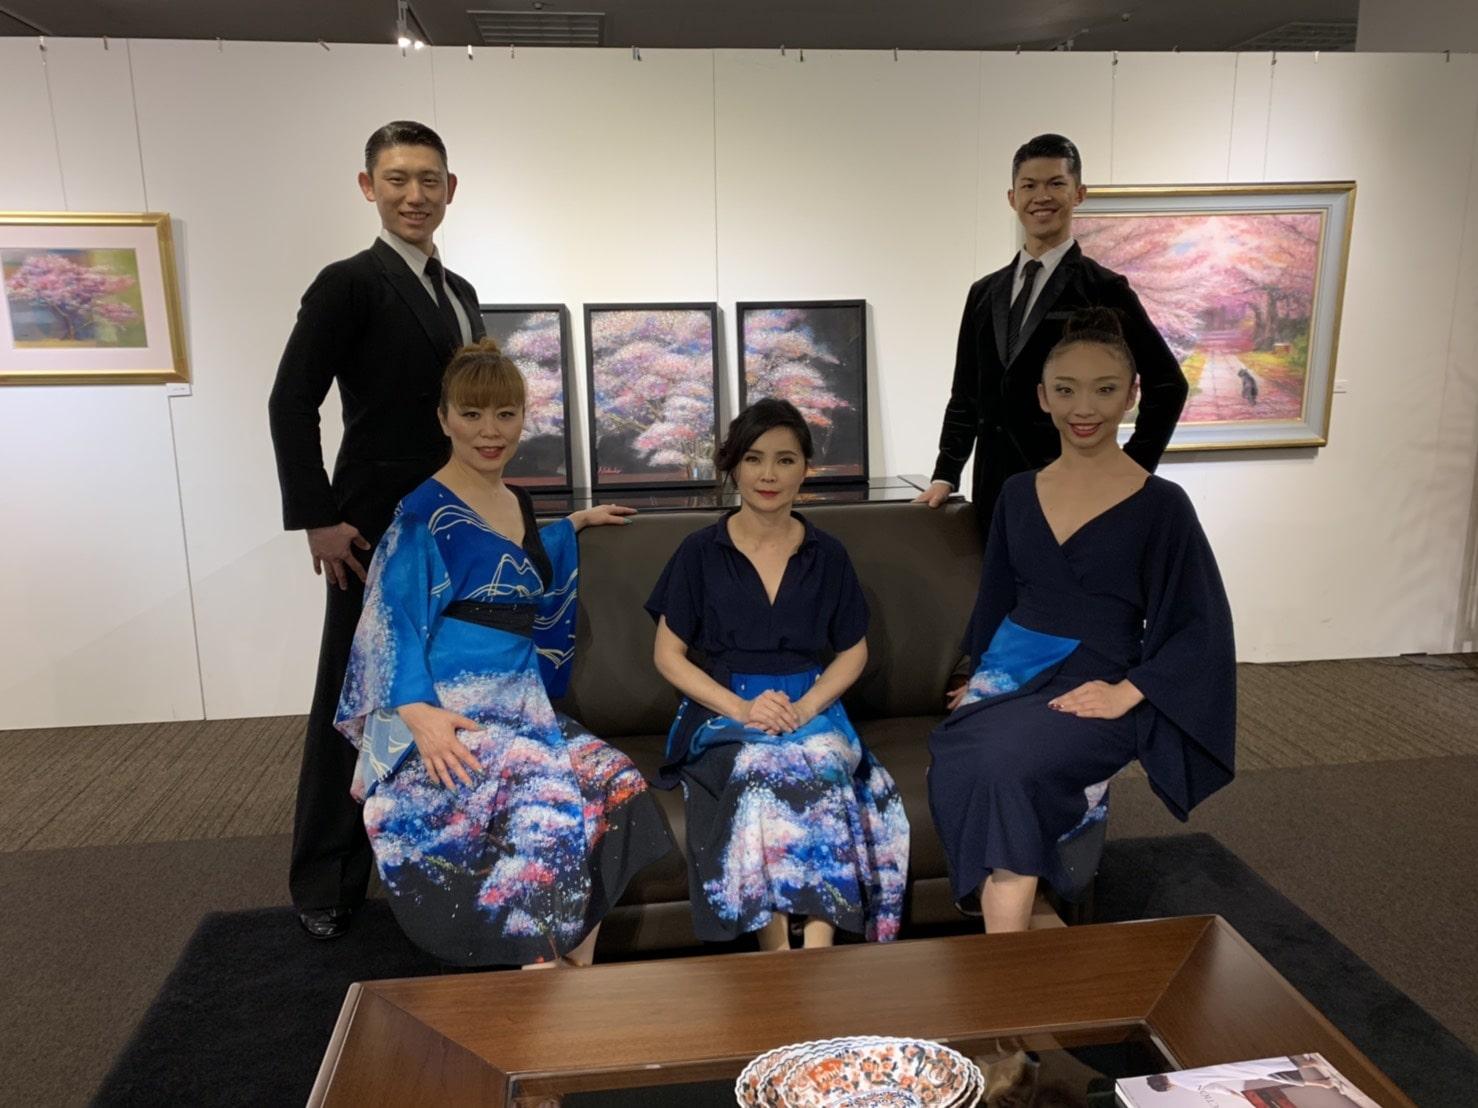 匠大塚|絵画展|春日部|社交ダンス|ショー